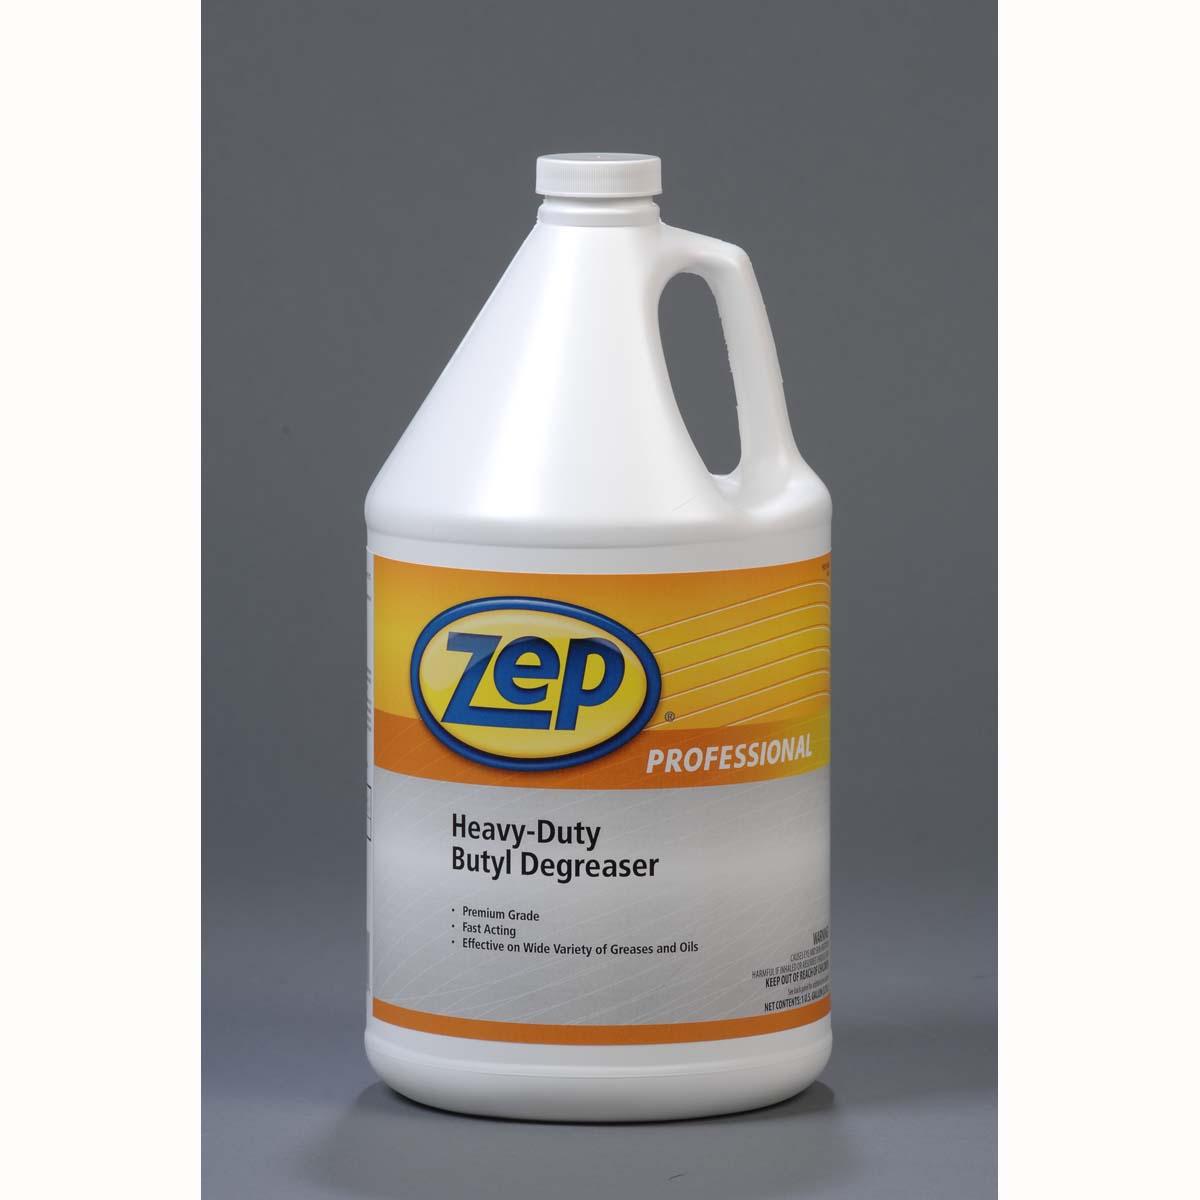 ZEP Heavy-Duty Butyl Degreaser